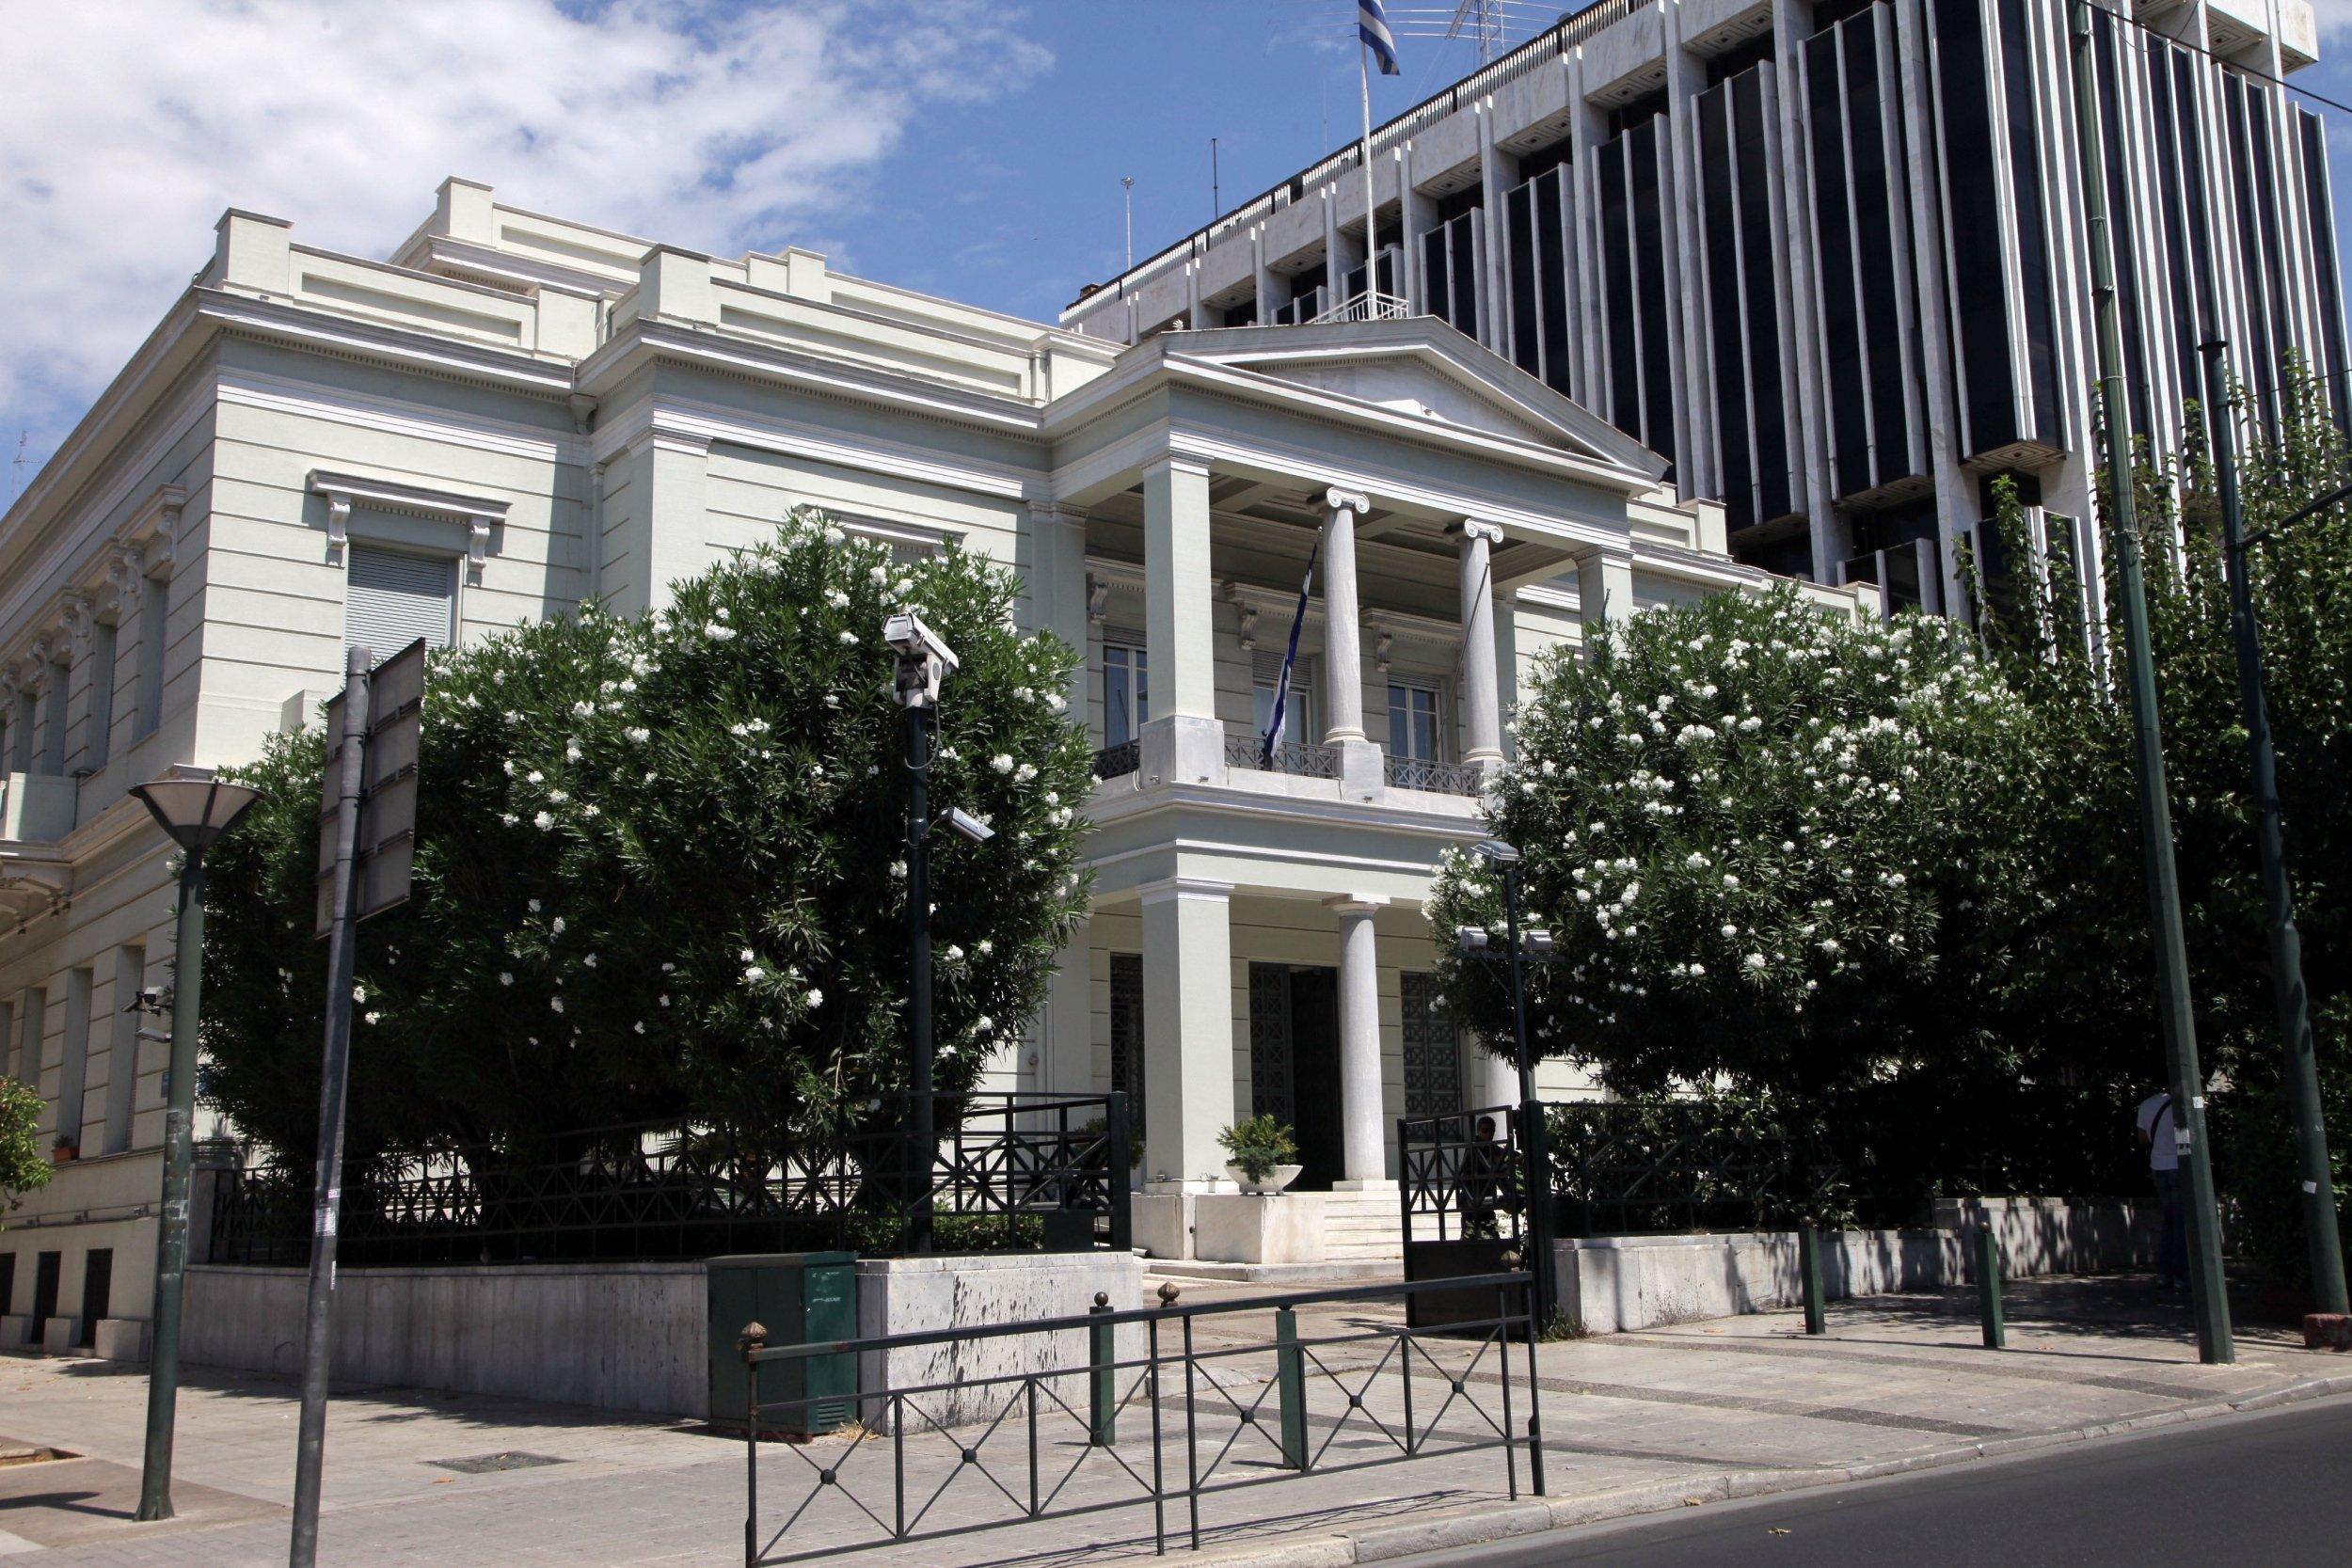 Συναγερμός έξω από το υπουργείο Εξωτερικών – Βρέθηκε ύποπτη βαλίτσα